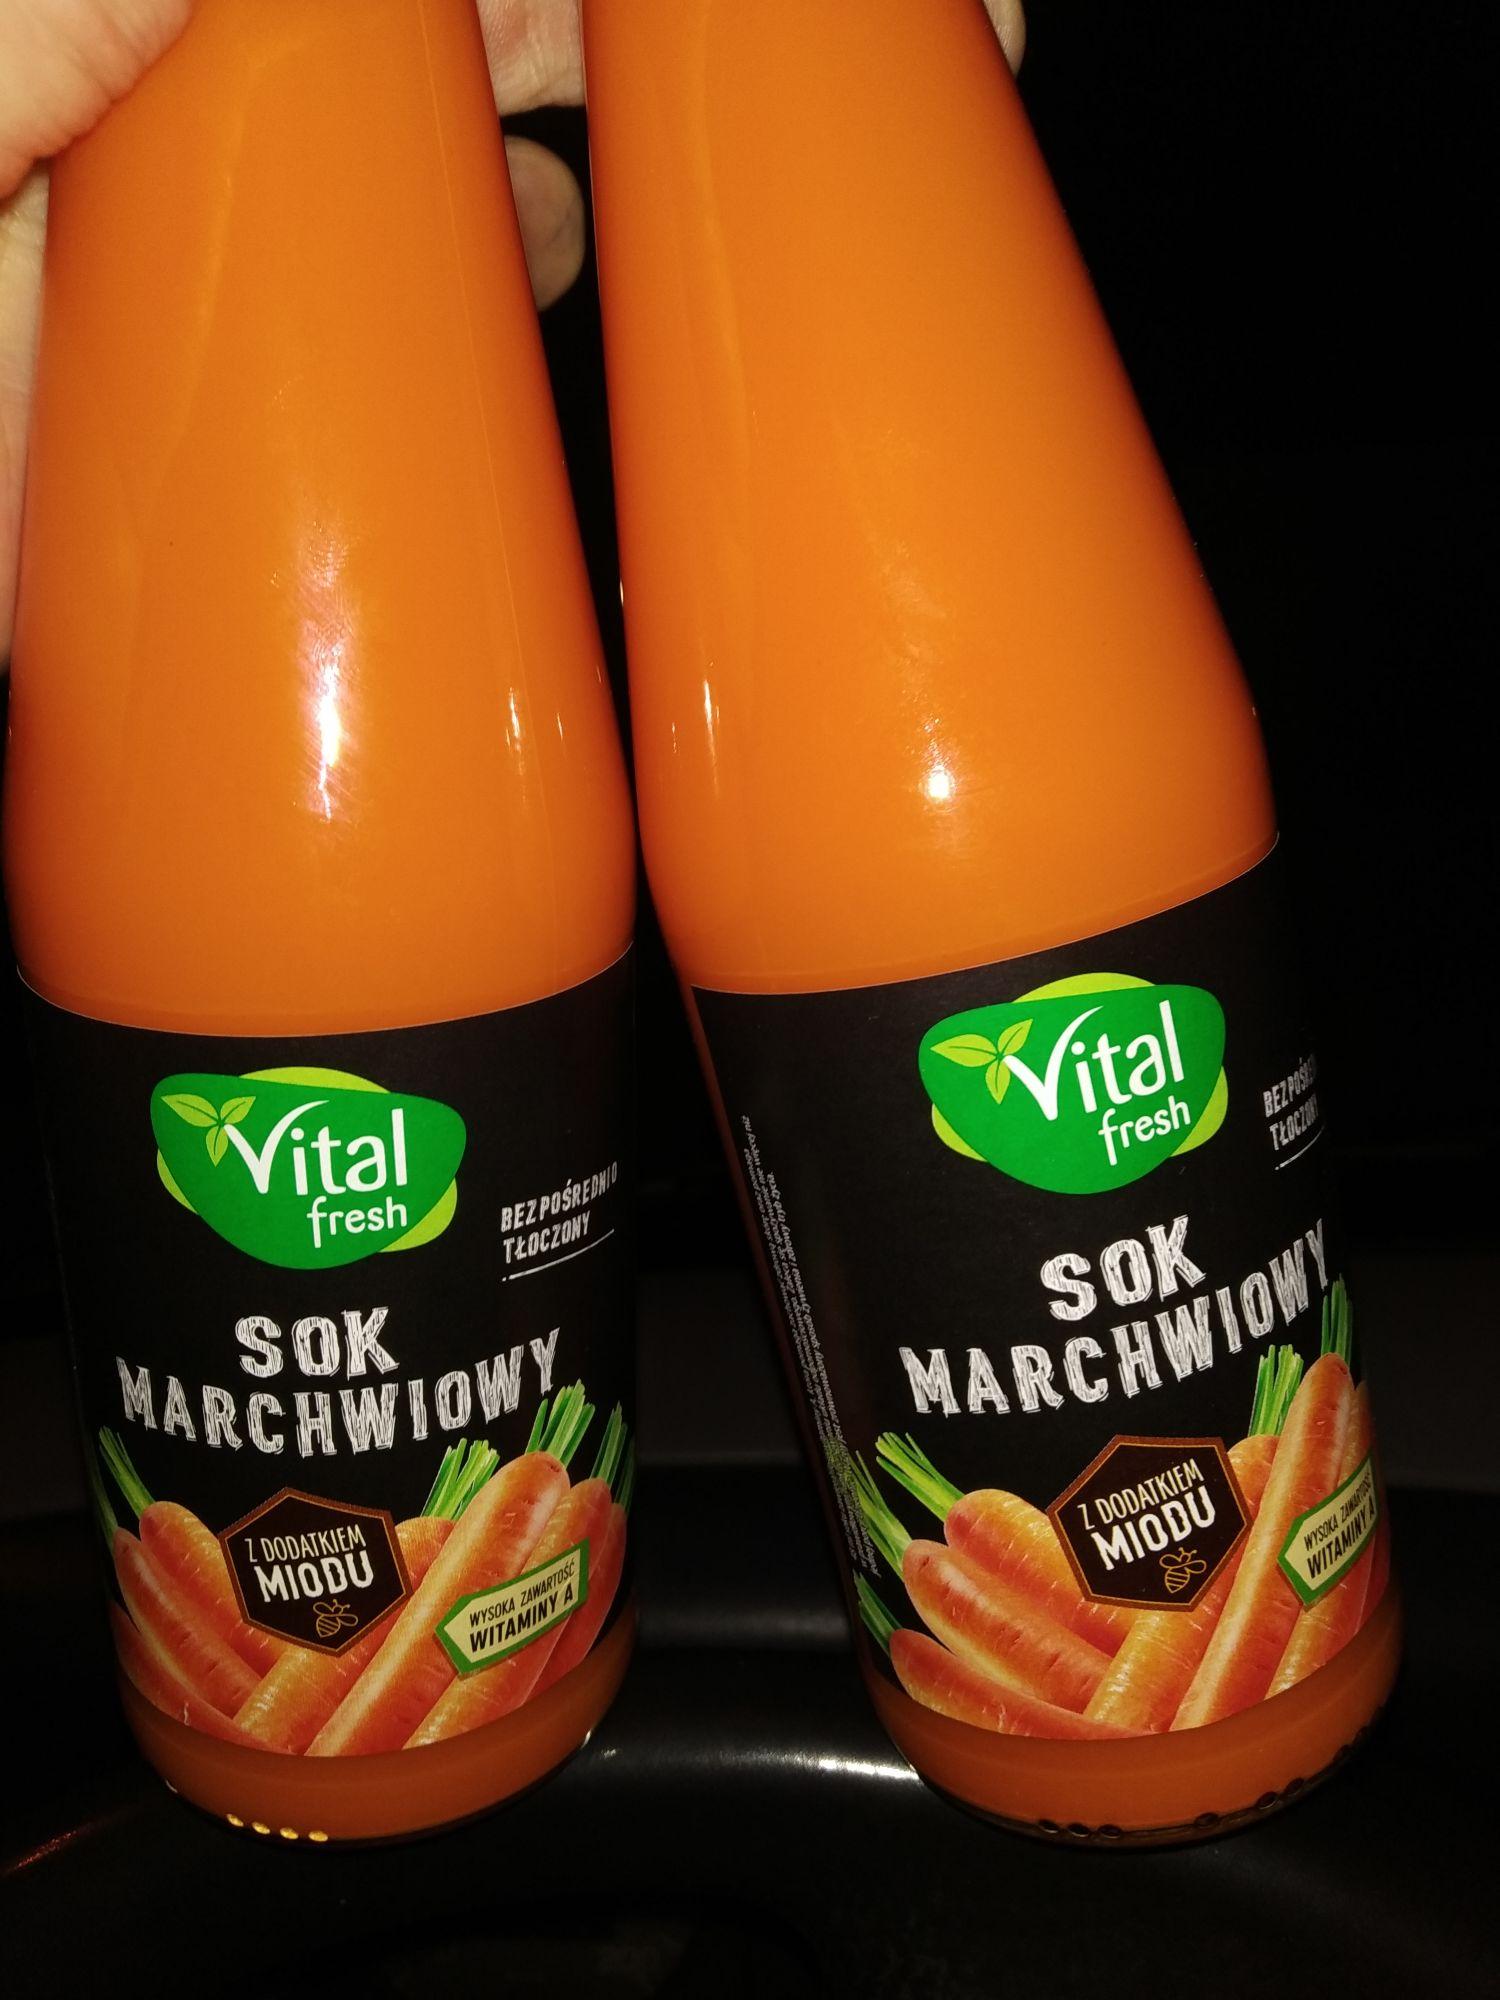 Vital fresh SOK MARCHWIOWY z Miodem 330 ml (przy zakupie 2 sztuk)